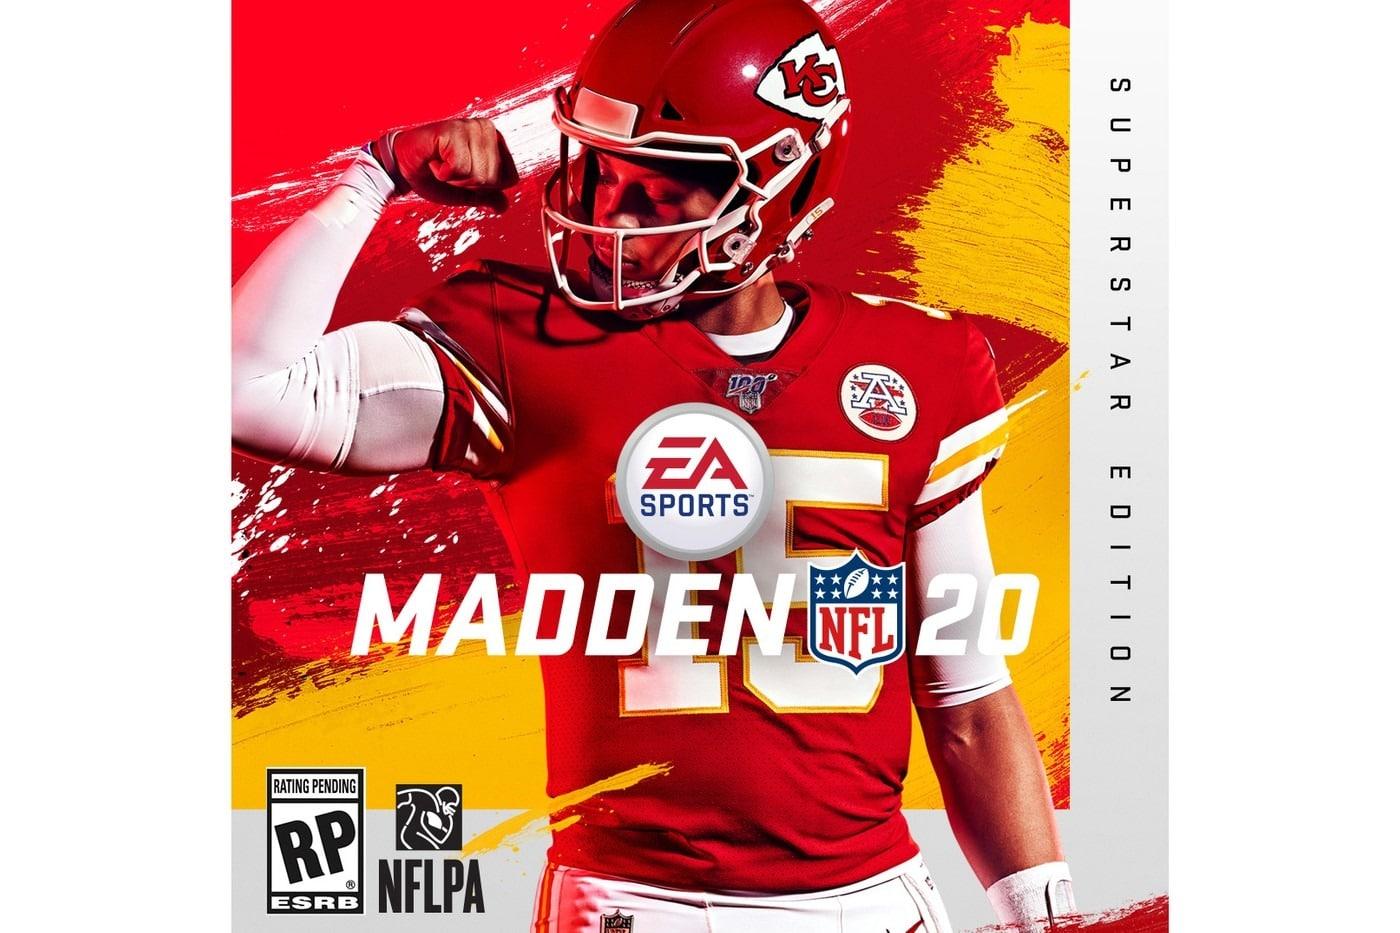 Patrick Mahomes est la star vedette de la couverture de «Madden NFL 20».